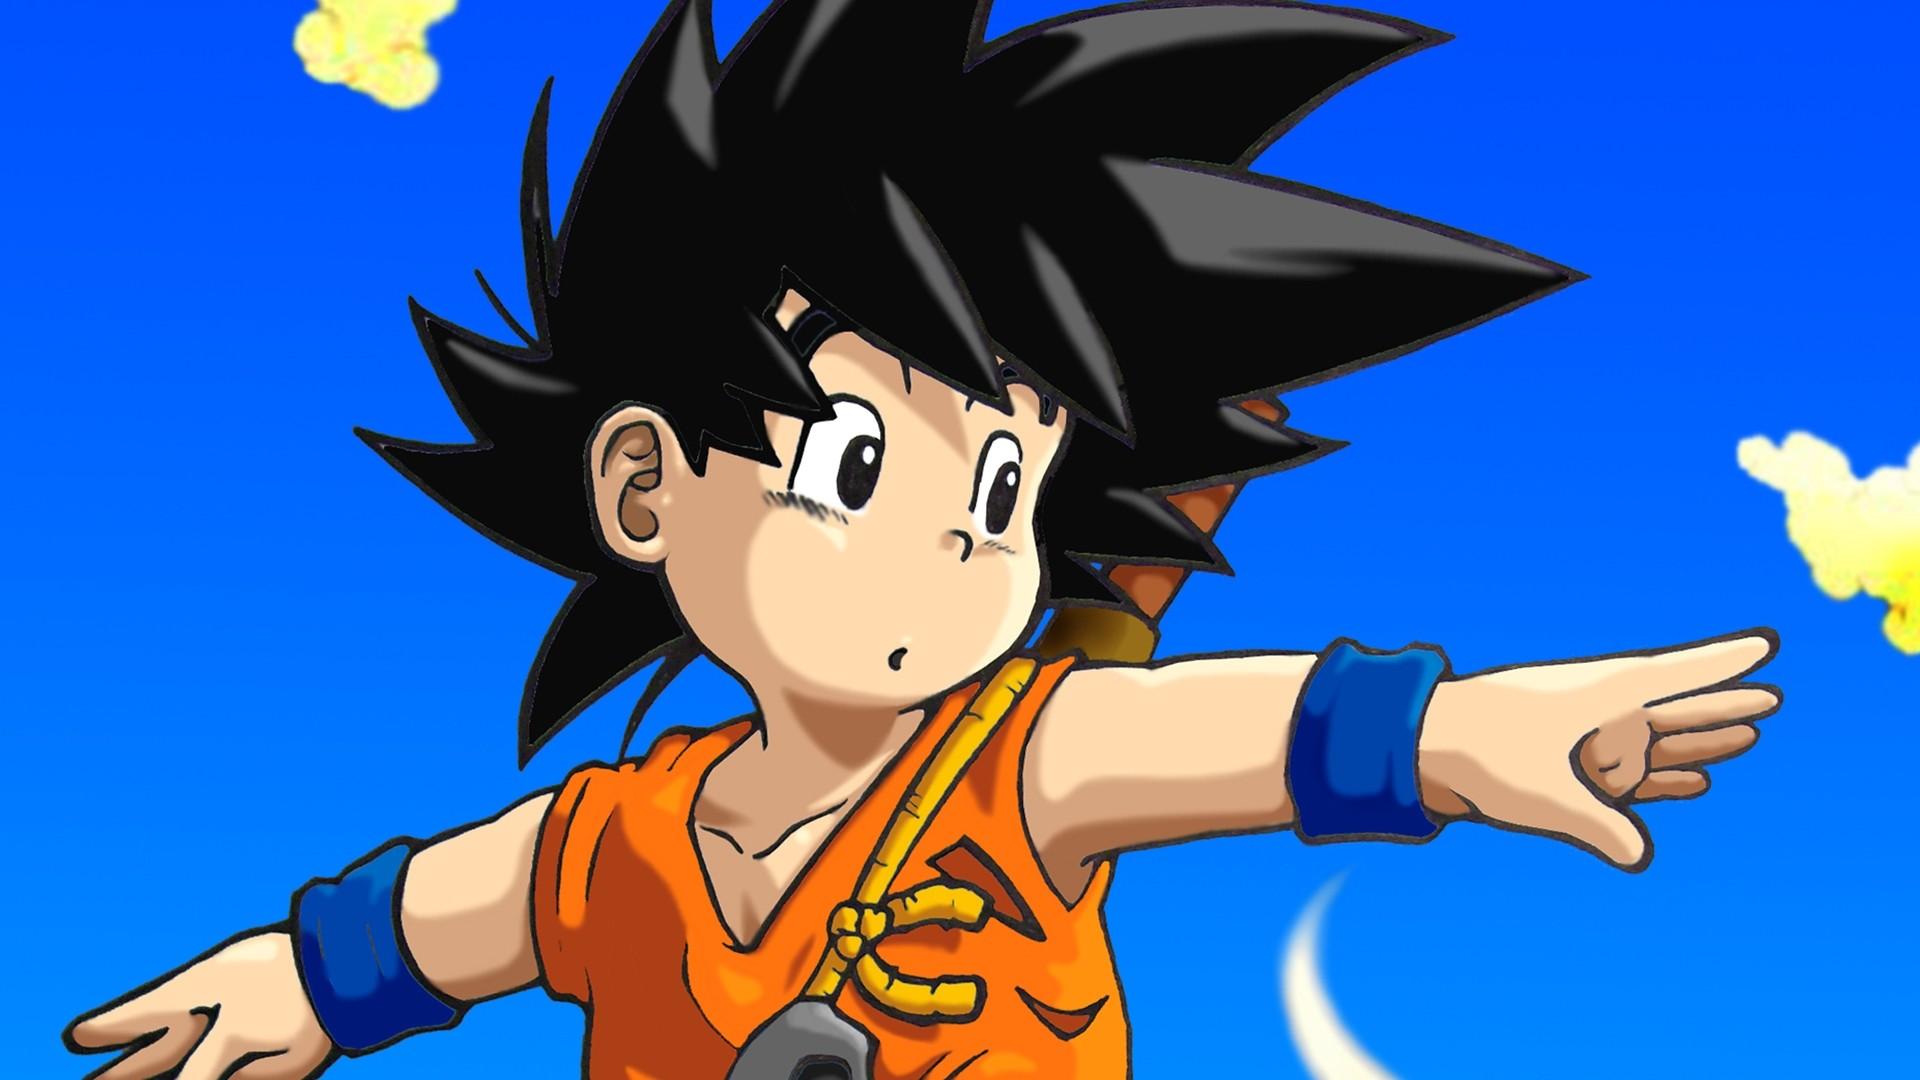 Kid Goku Wallpaper 57 Images